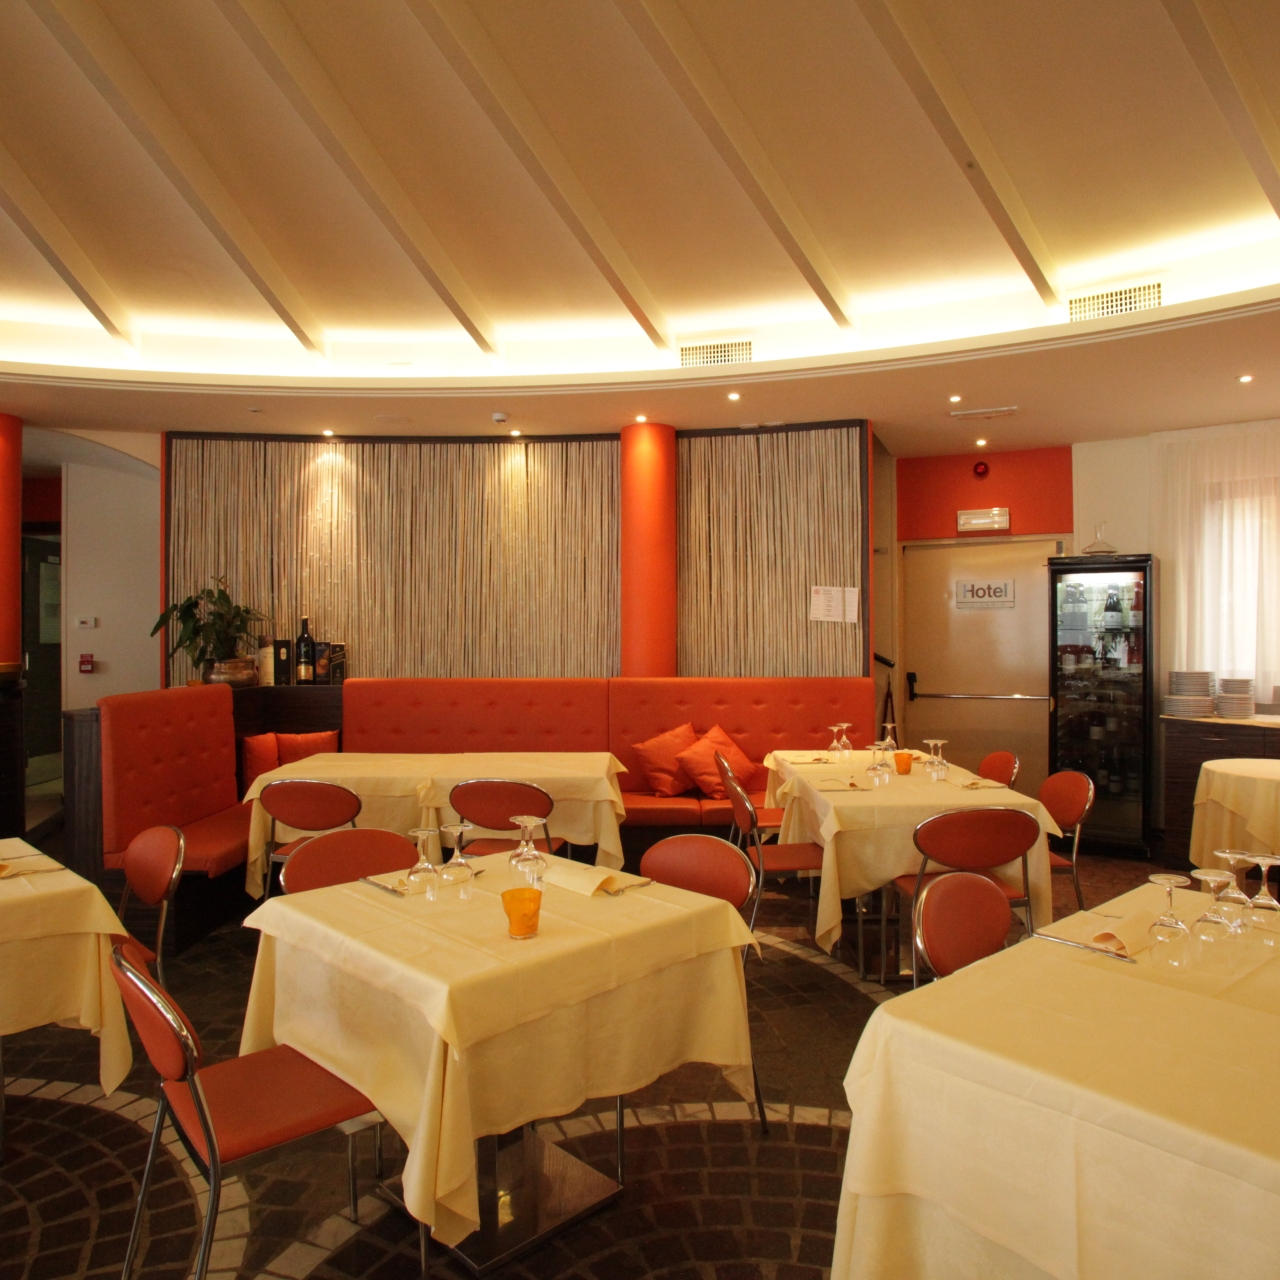 Home Design Busto Arsizio hotel pineta - 4 hrs star hotel in busto arsizio (lombardy)